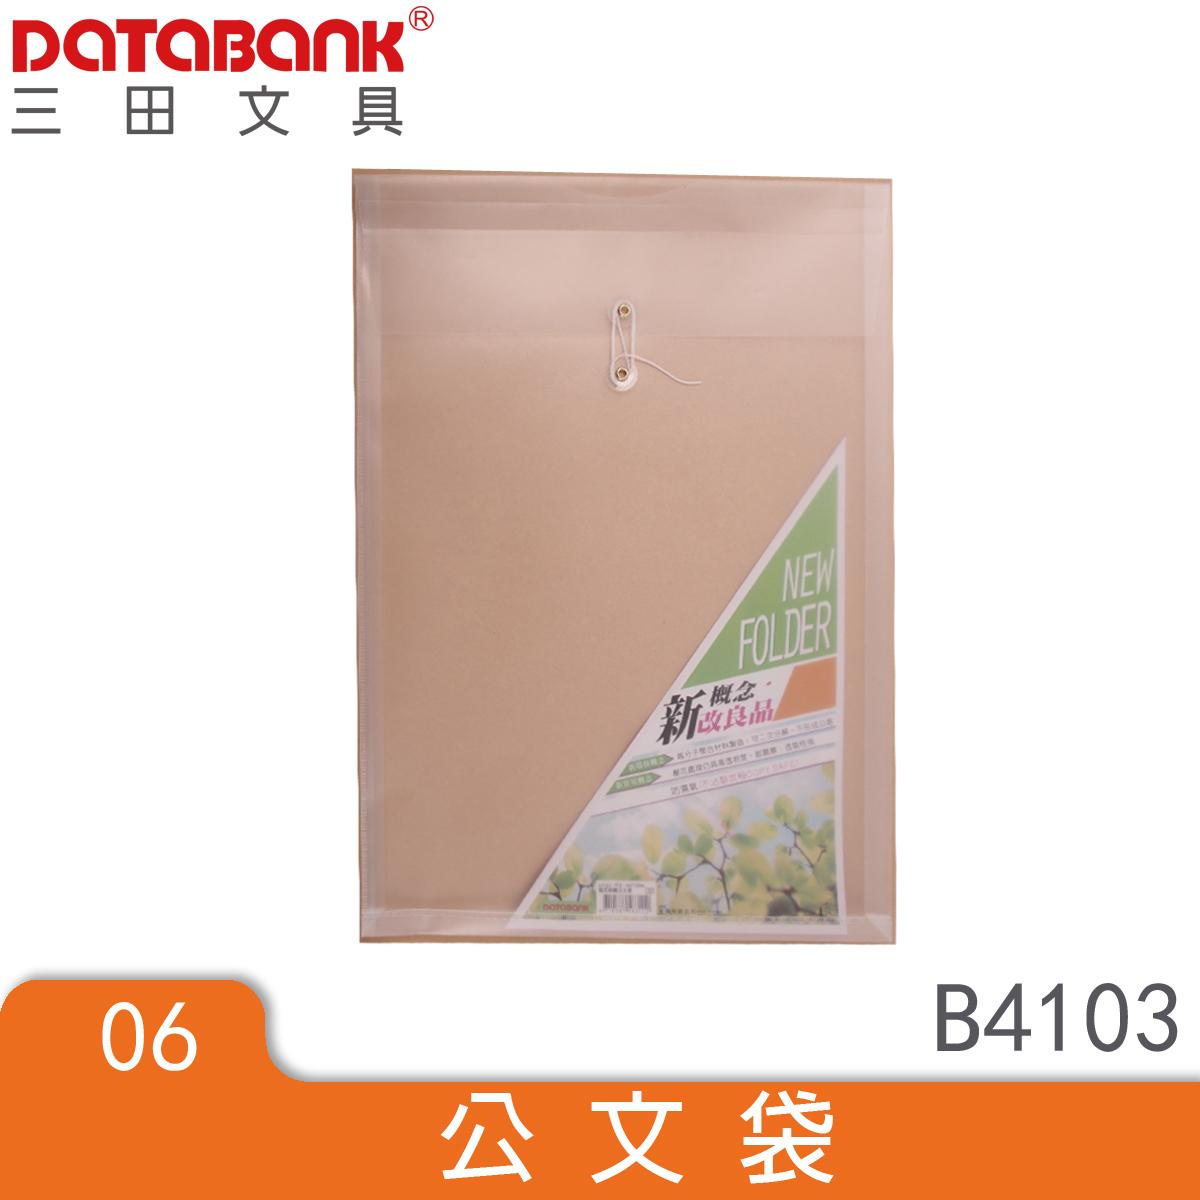 環保系列 B4 直式環保繩扣公文袋(B4103) 12入 另有文件夾 分類片 名片簿 板夾 CD夾 DATABANK